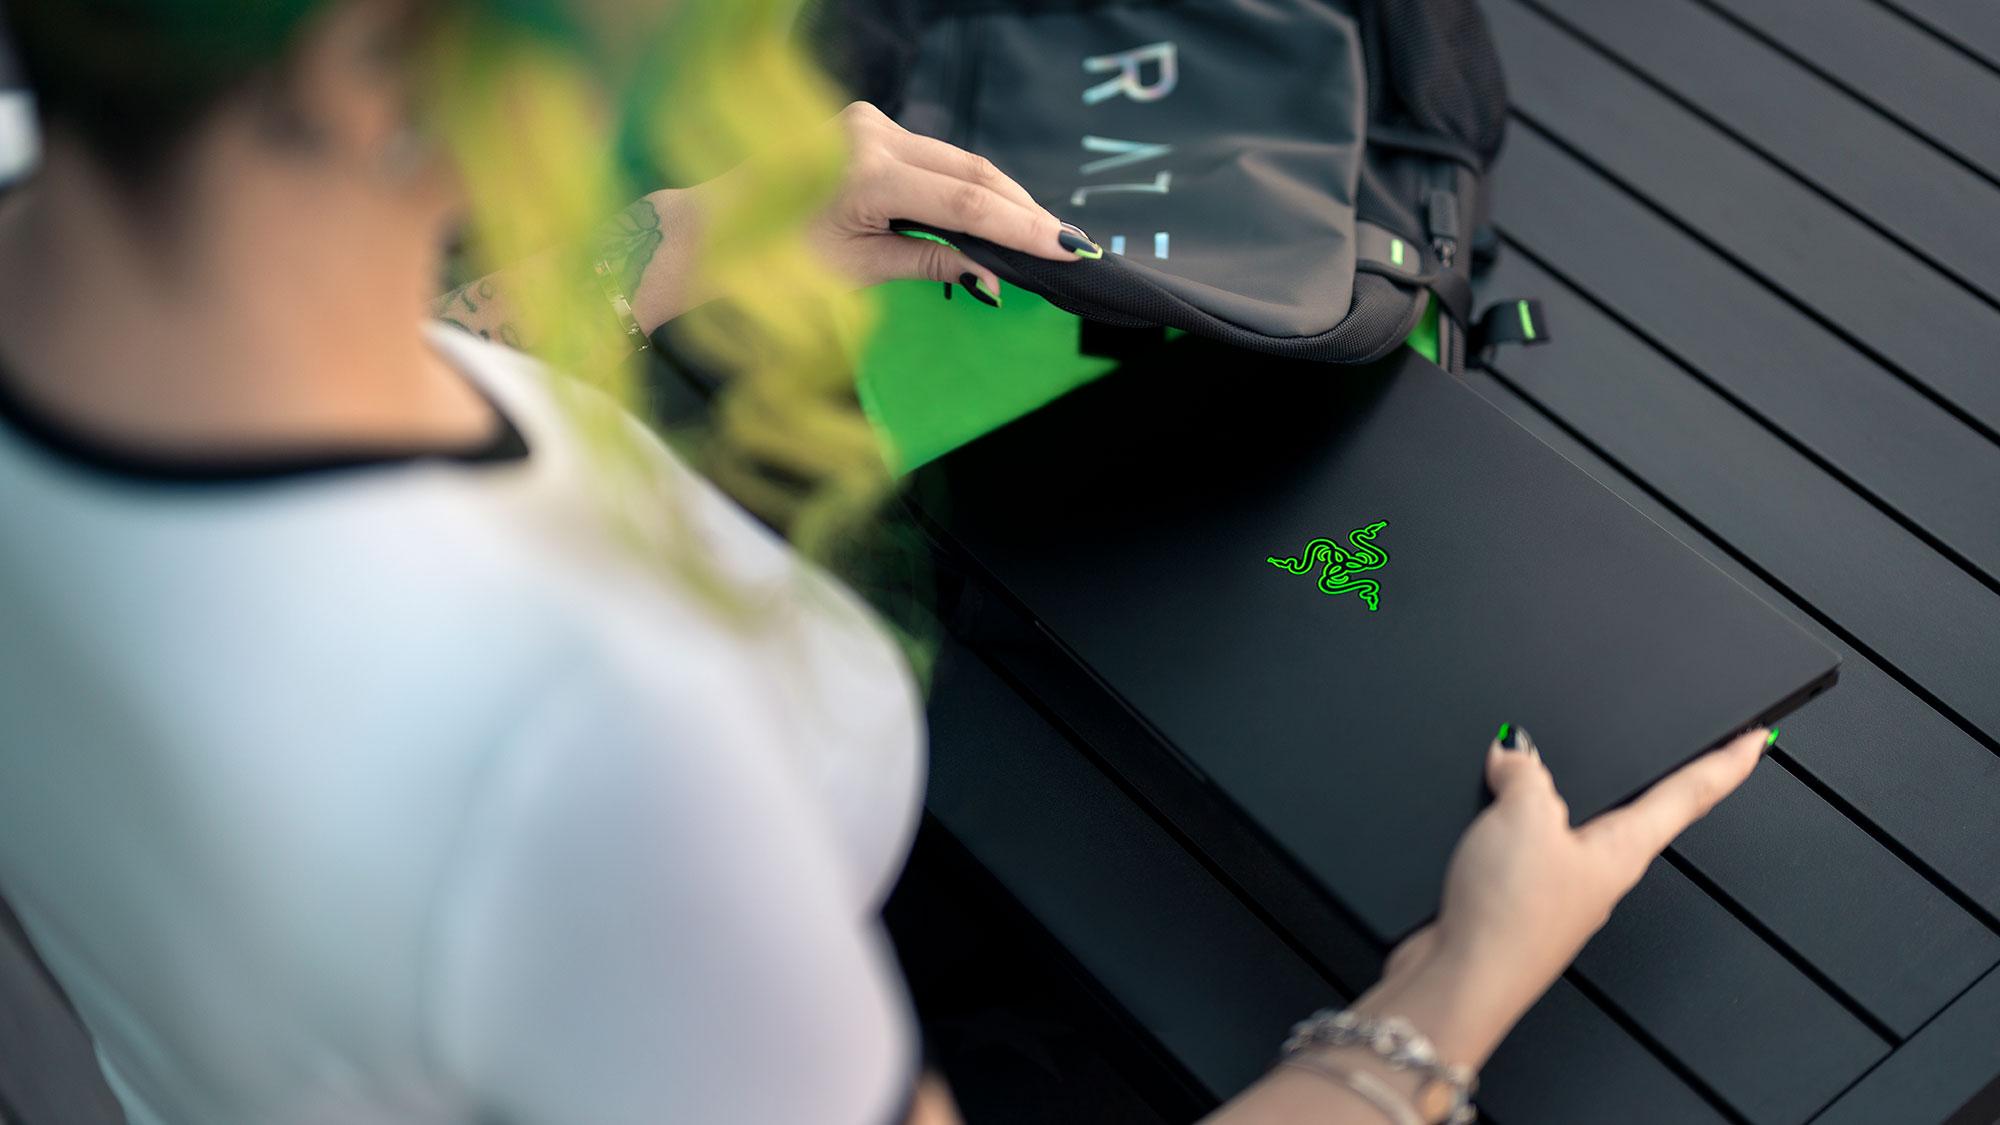 Razer Blade 14 AMD Gaming Laptop